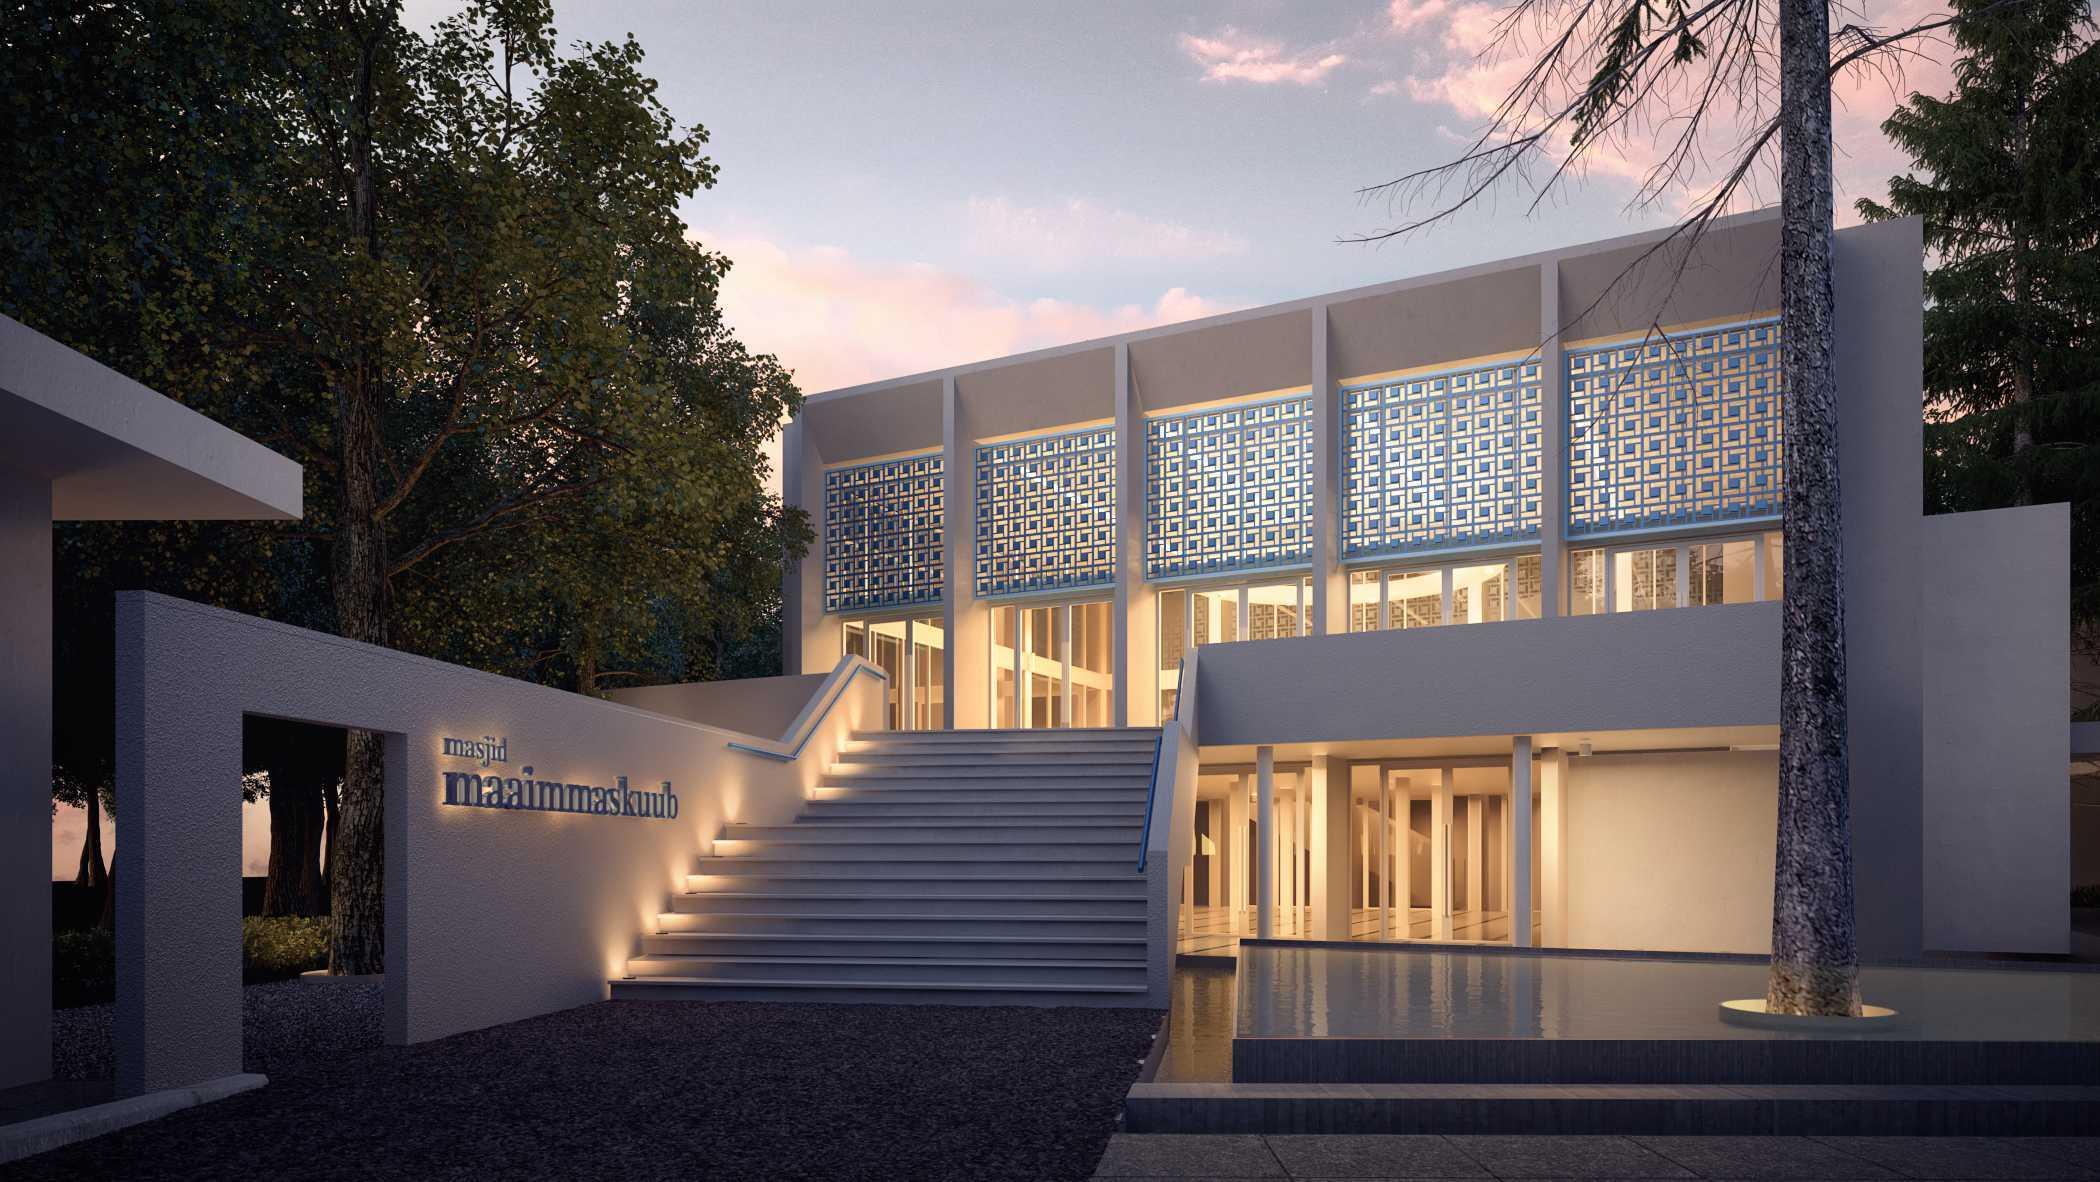 8 Pesona Desain Arsitektur Masjid yang Unik dan Kreatif | Foto artikel Arsitag